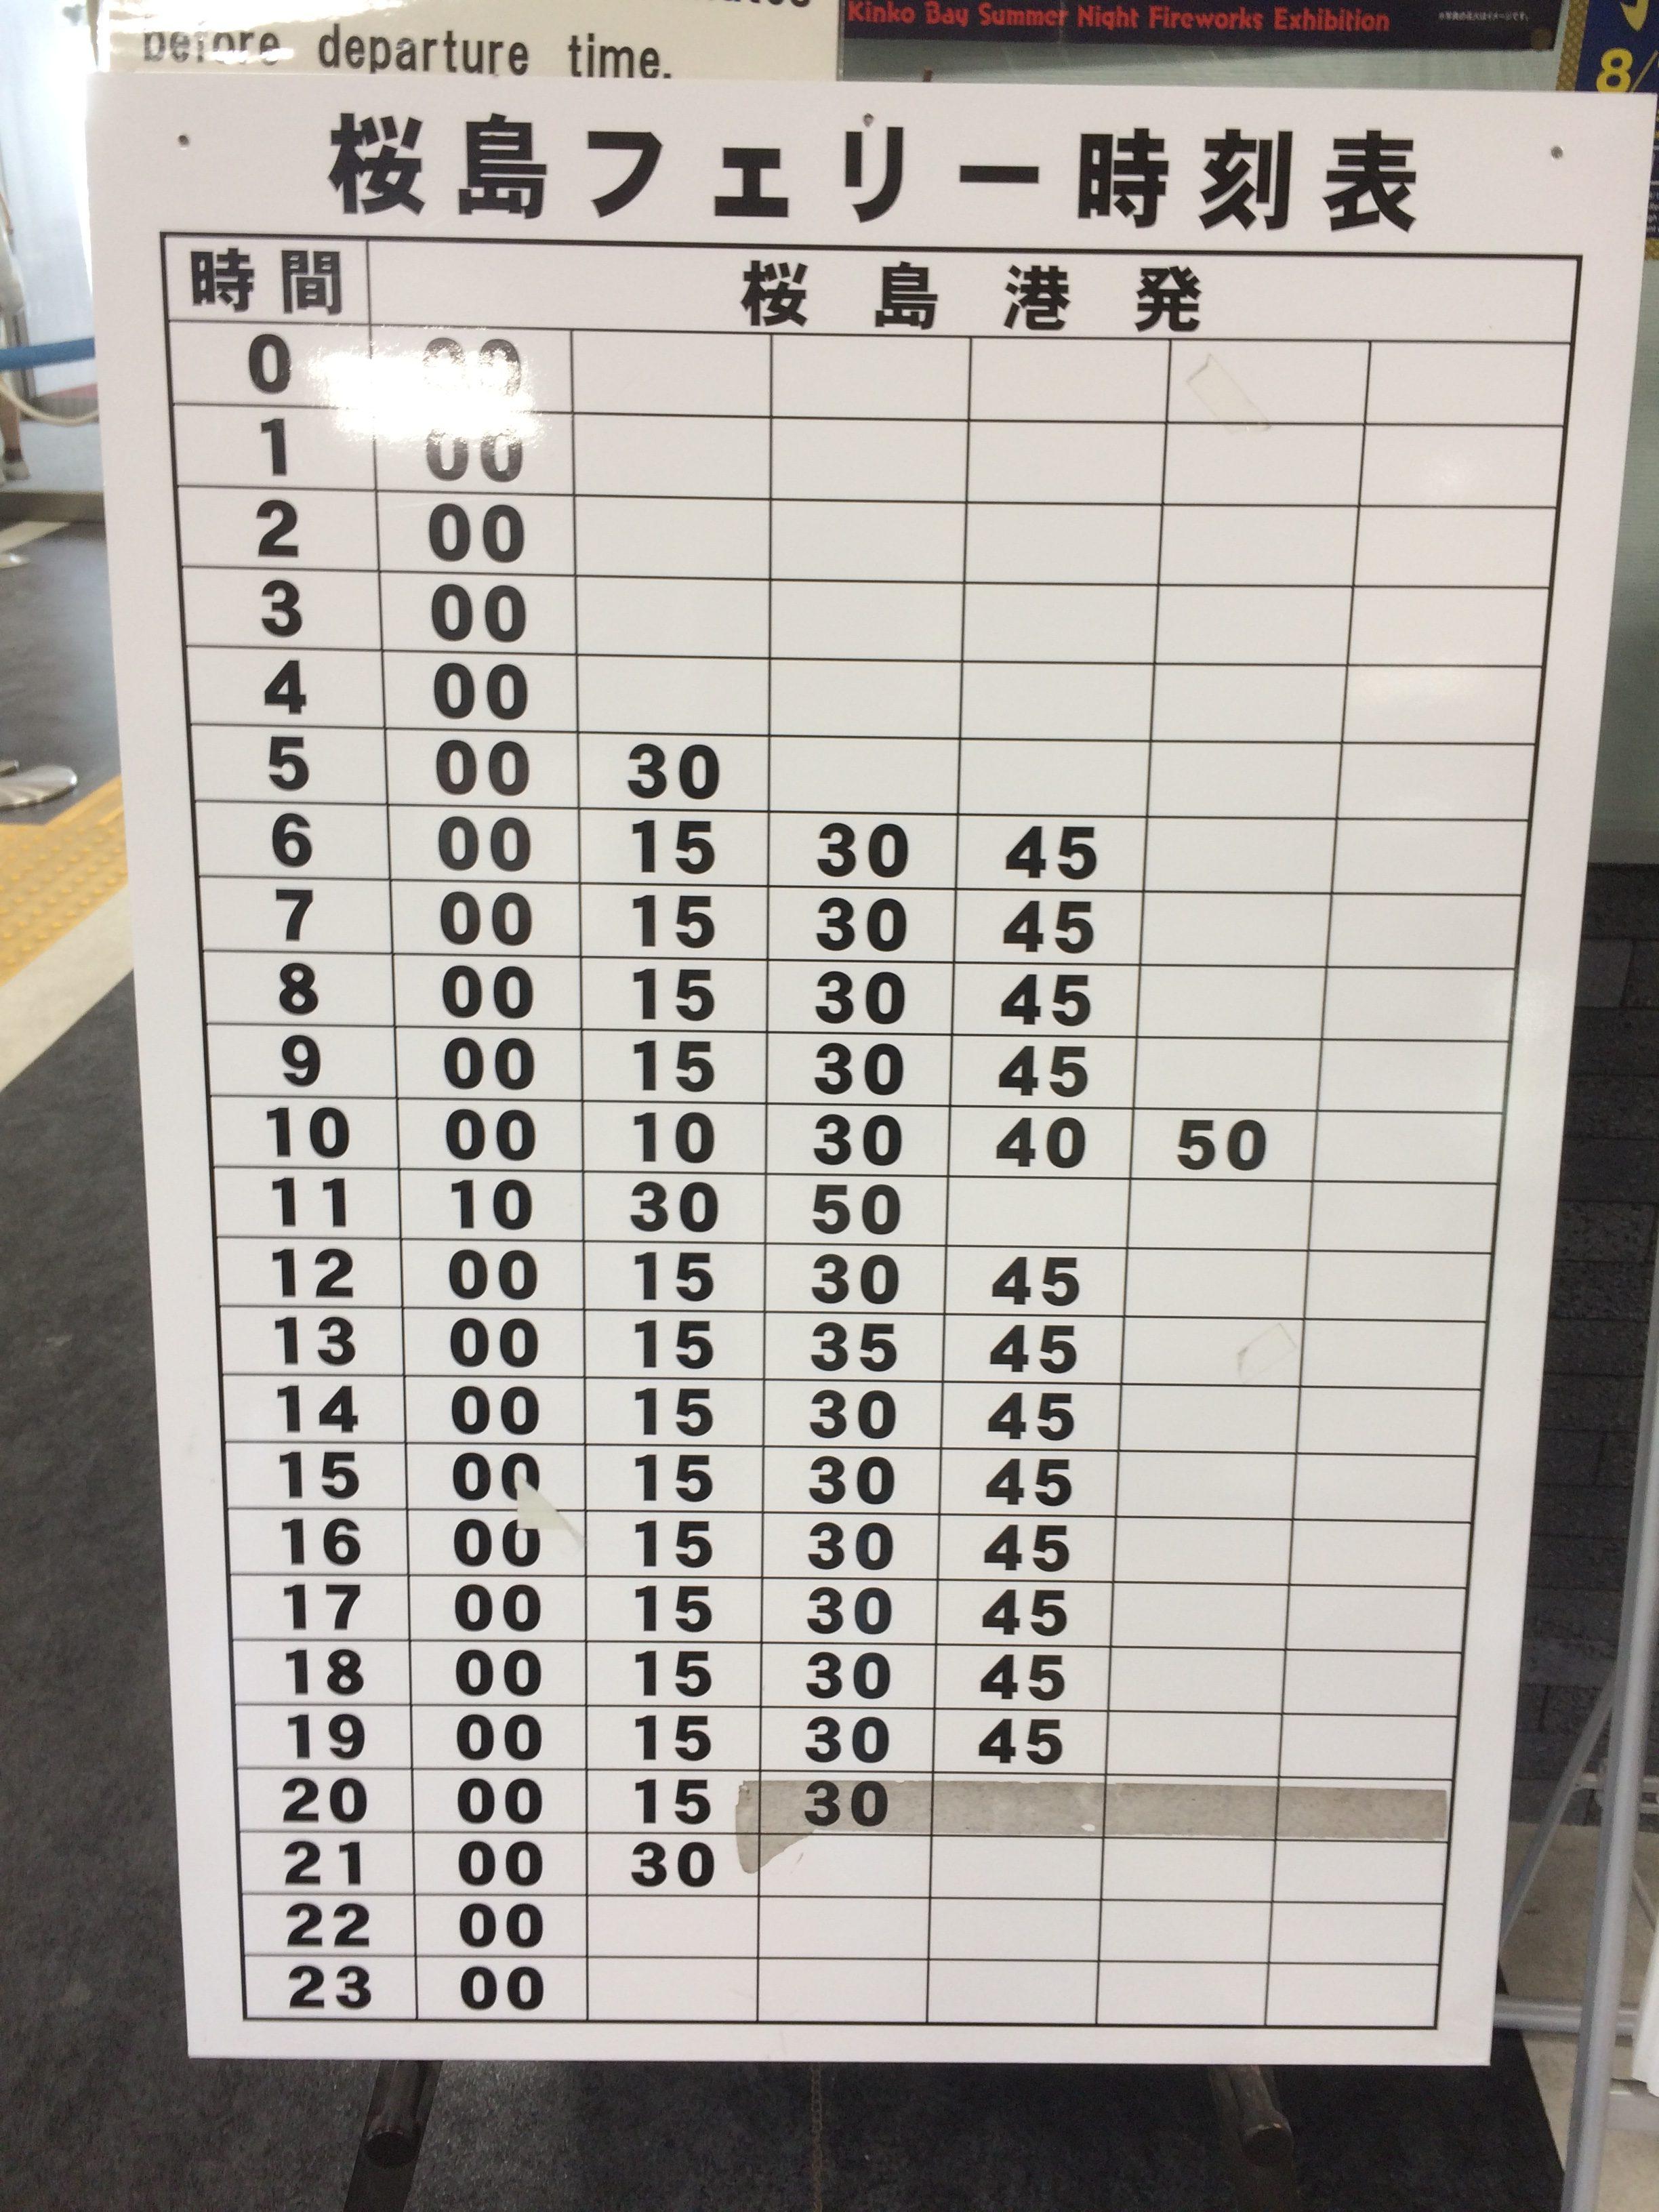 桜島港フェリーターミナルに掲示されている桜島フェリー時刻表